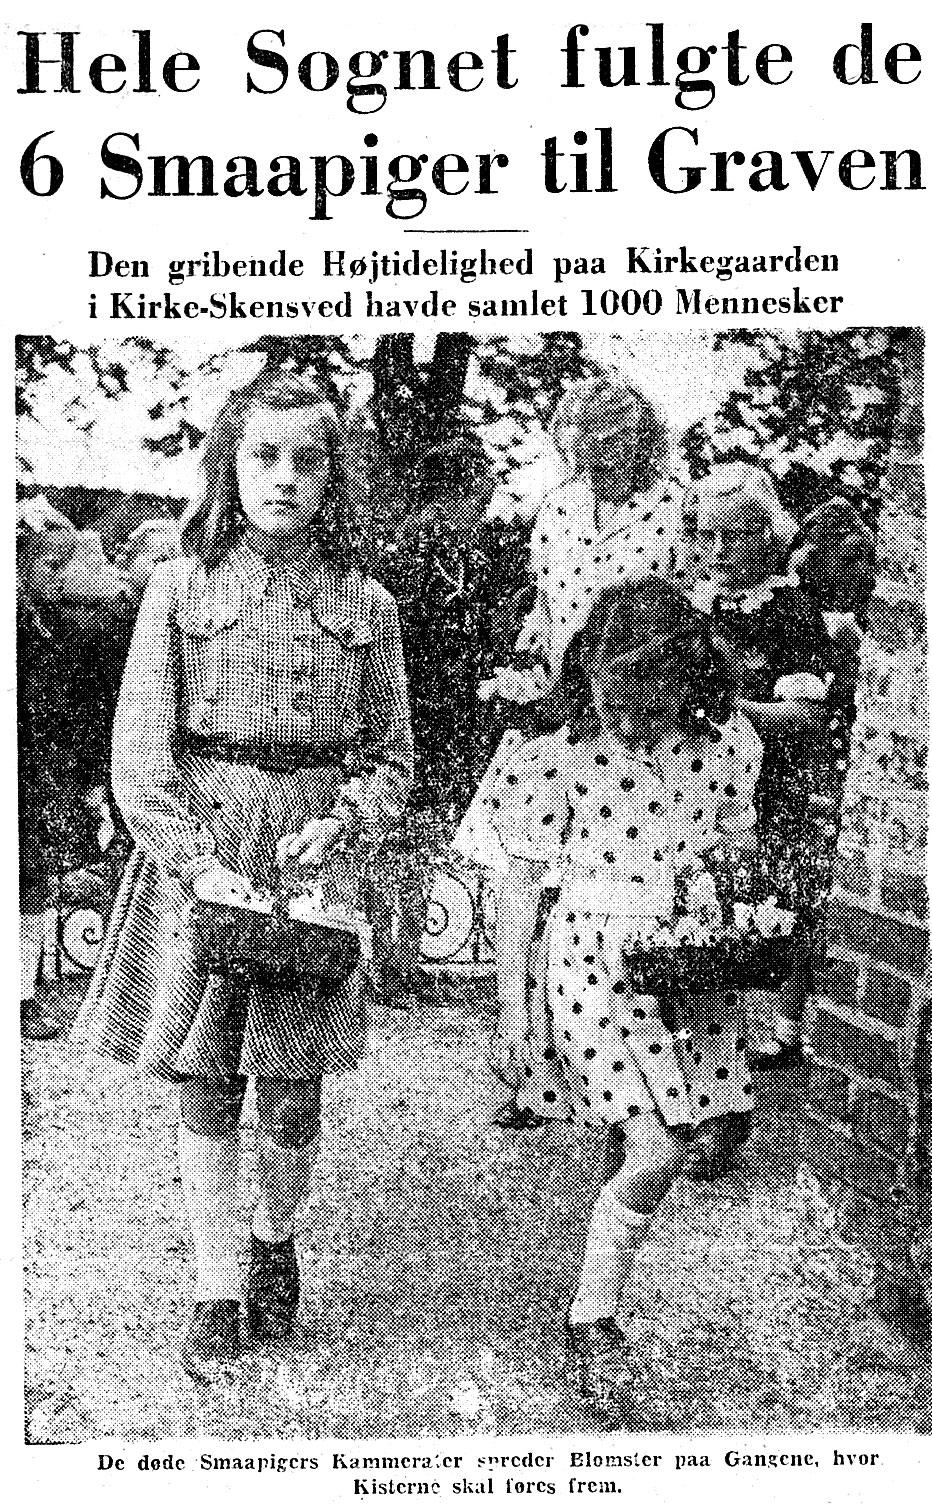 Fra avisartikel fra Roskilde Tidende, der omhandler pigernes bisættelse.